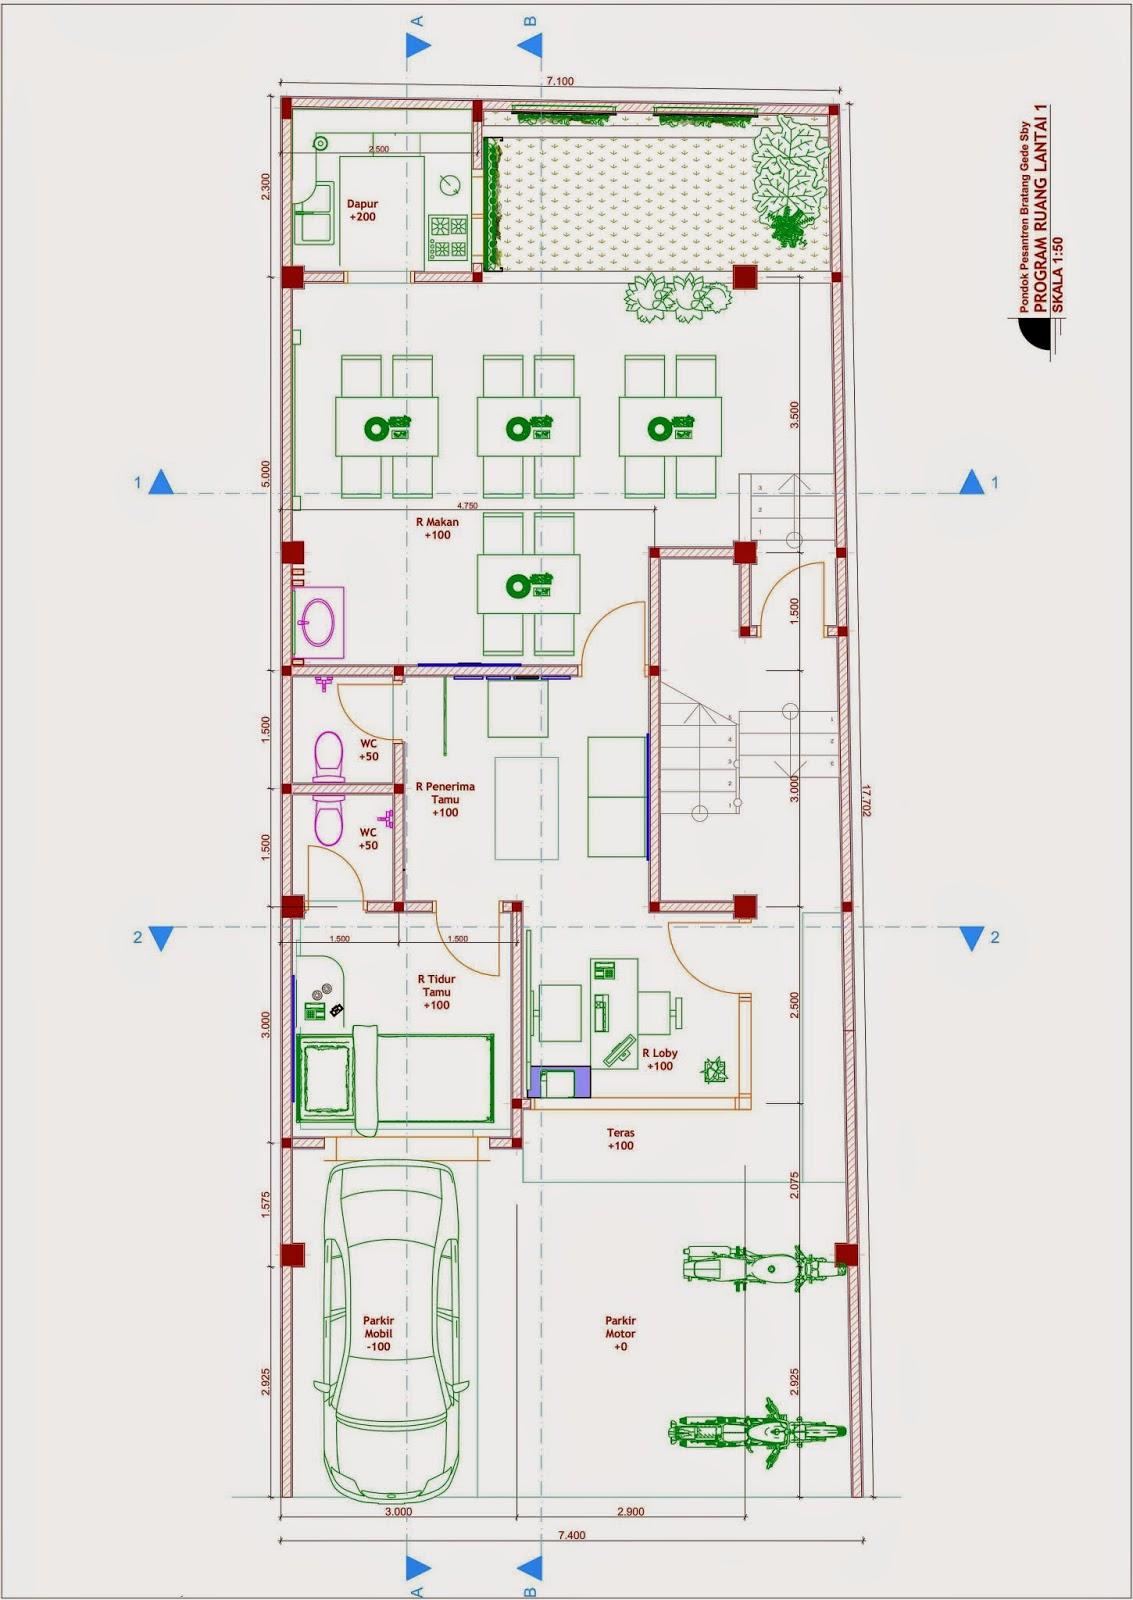 Desain Rumah Minimalis Jadi Pesantren - Denah Lt 1